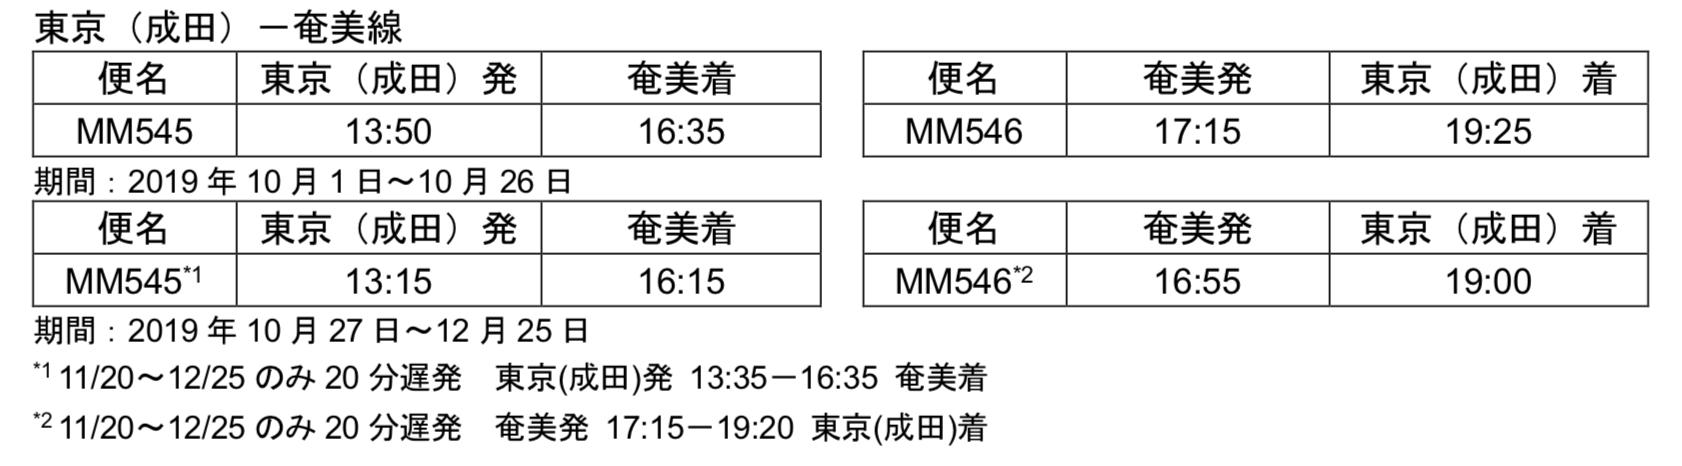 Peach 東京(成田)- 奄美線運行スケジュール表